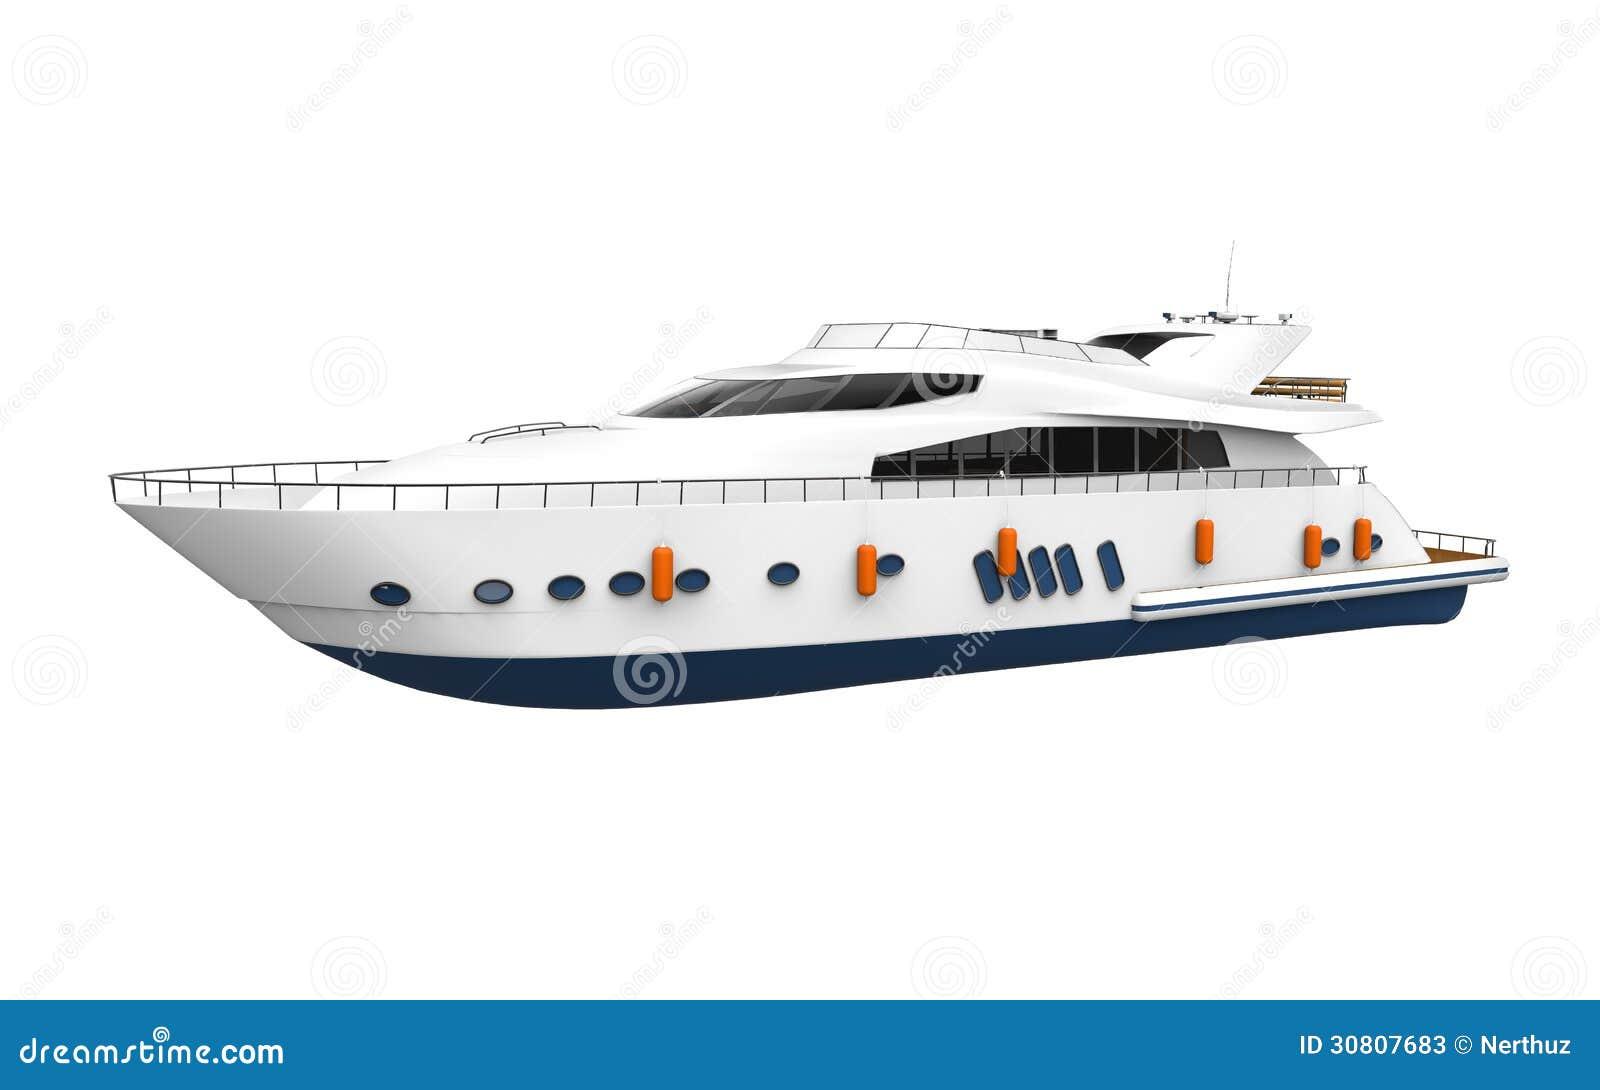 White Pleasure Yacht Isolated On White Background Stock Illustration - Image: 30807683